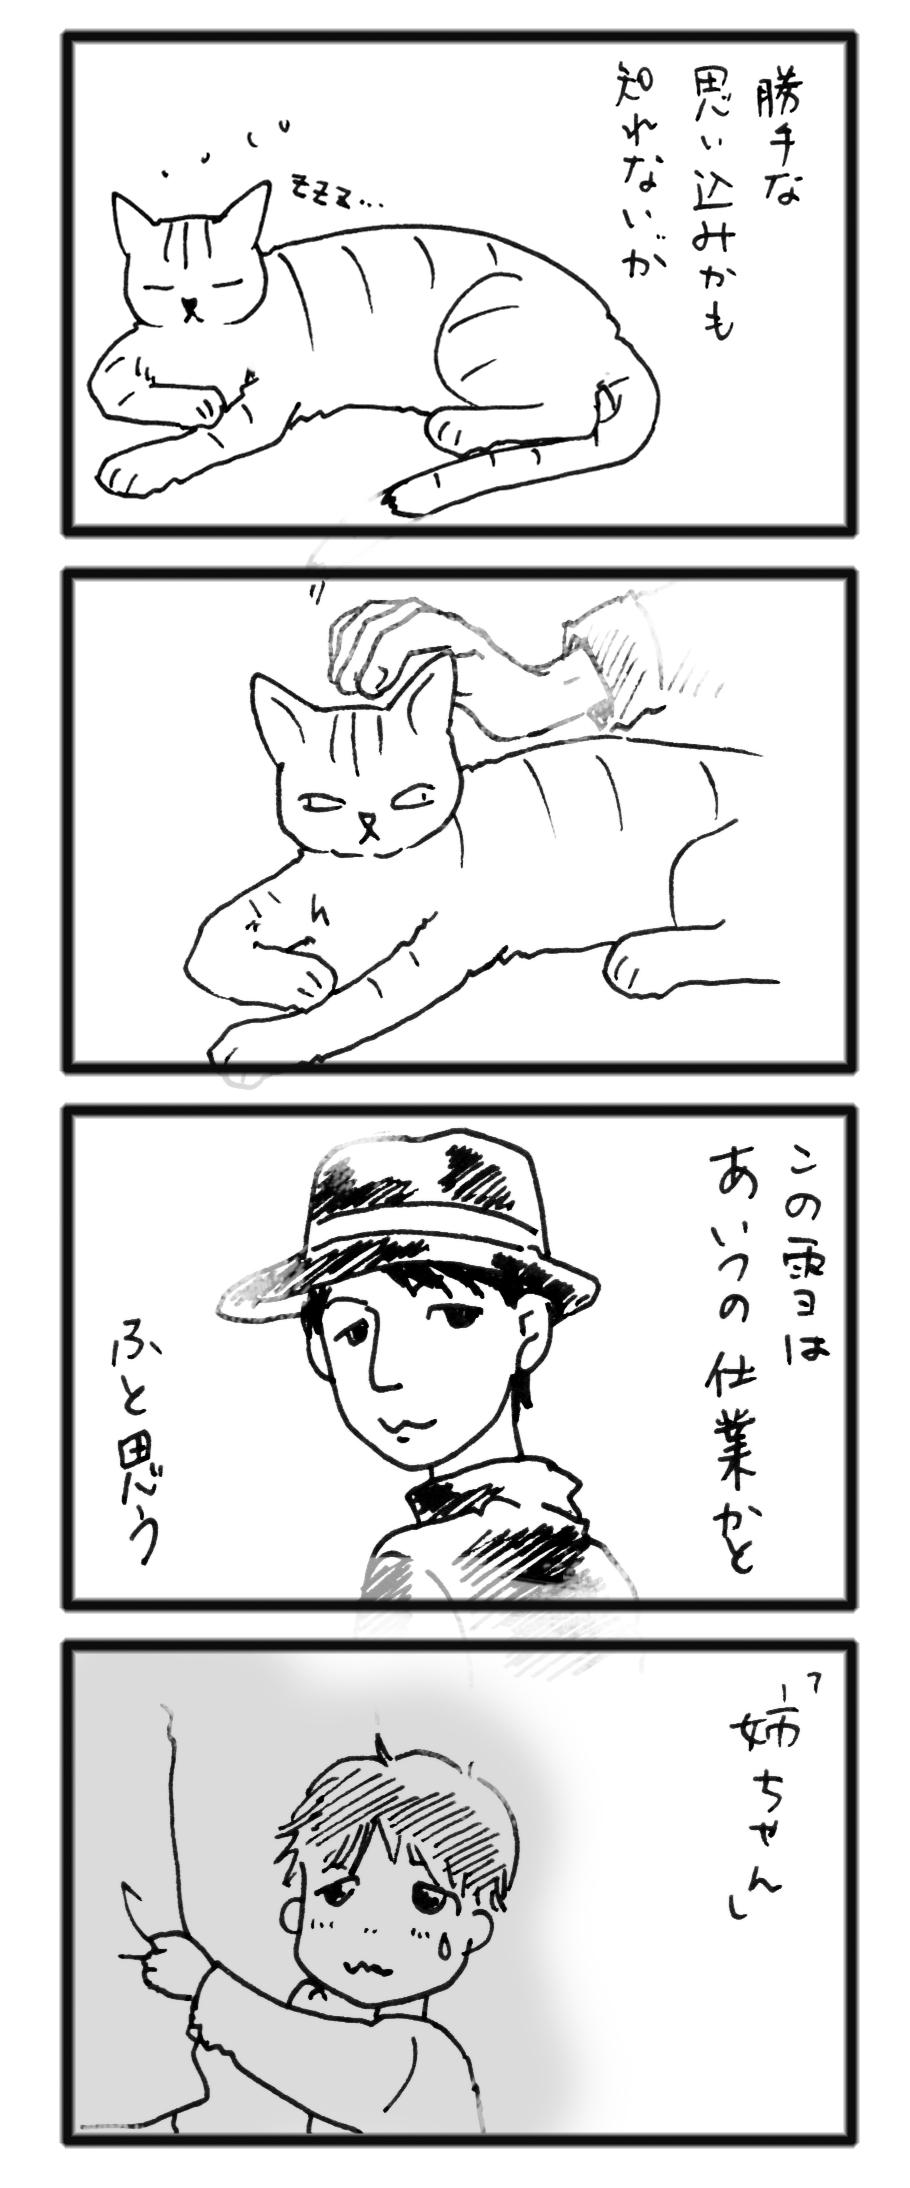 comic_14020902.jpg